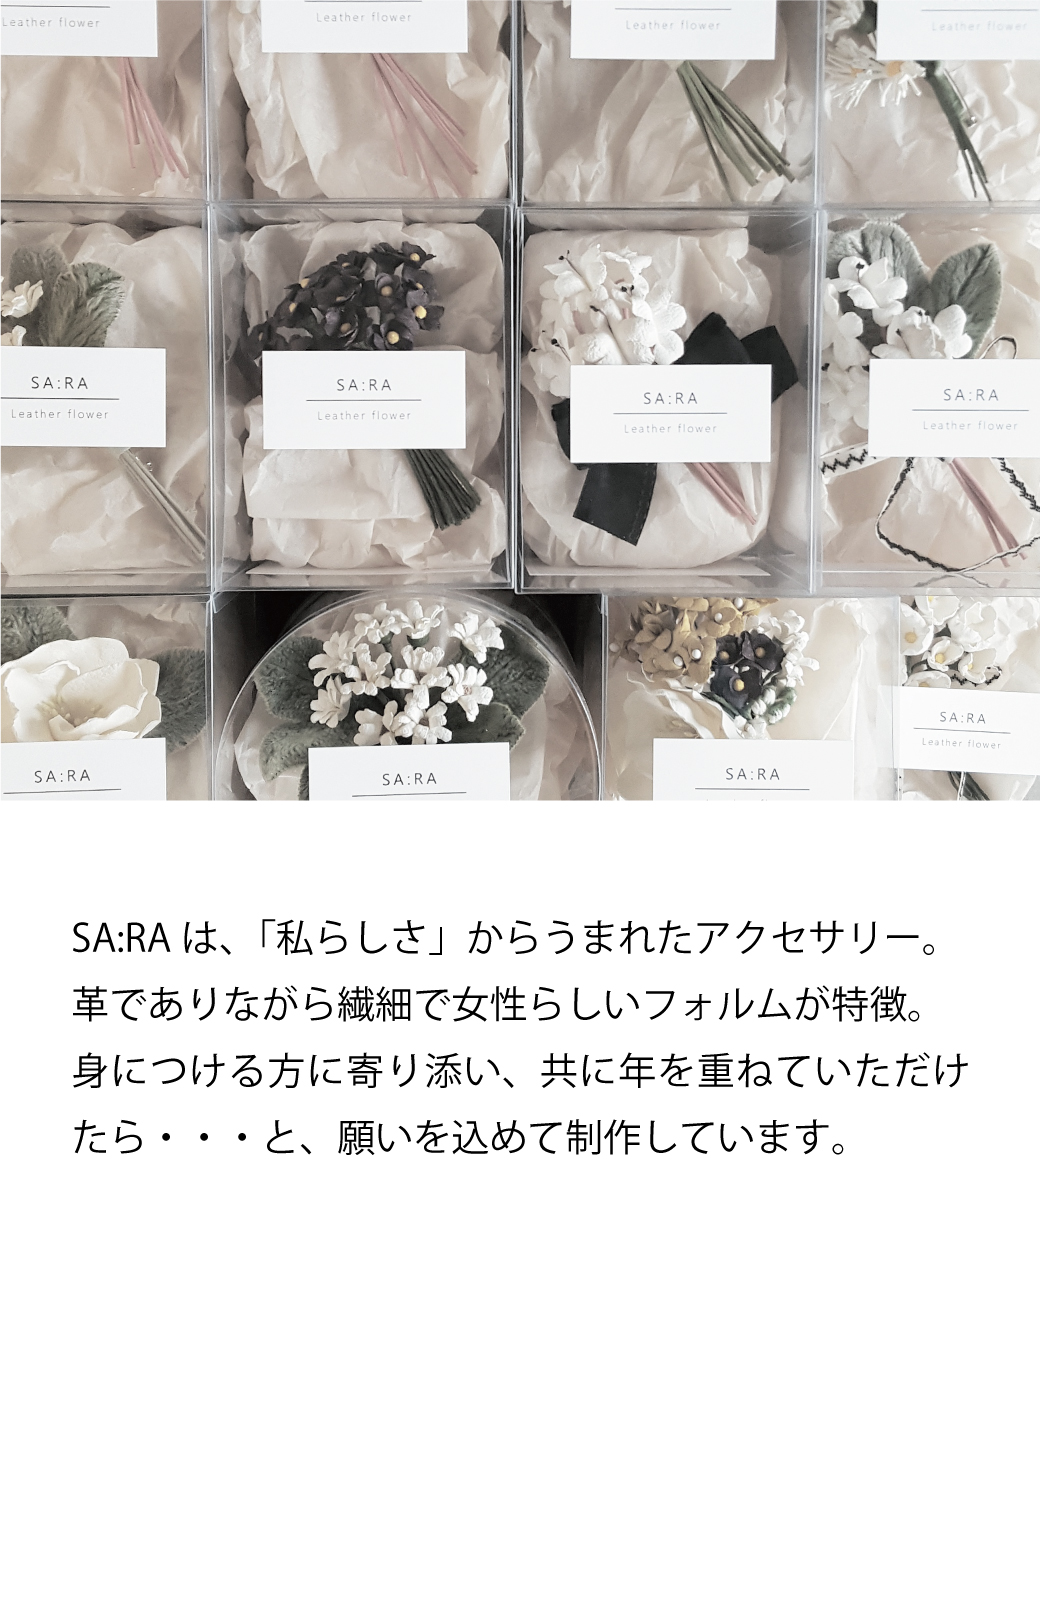 haco! てとひとて SA:RA clear flower フープピアス <ゴールド系その他>の商品写真4